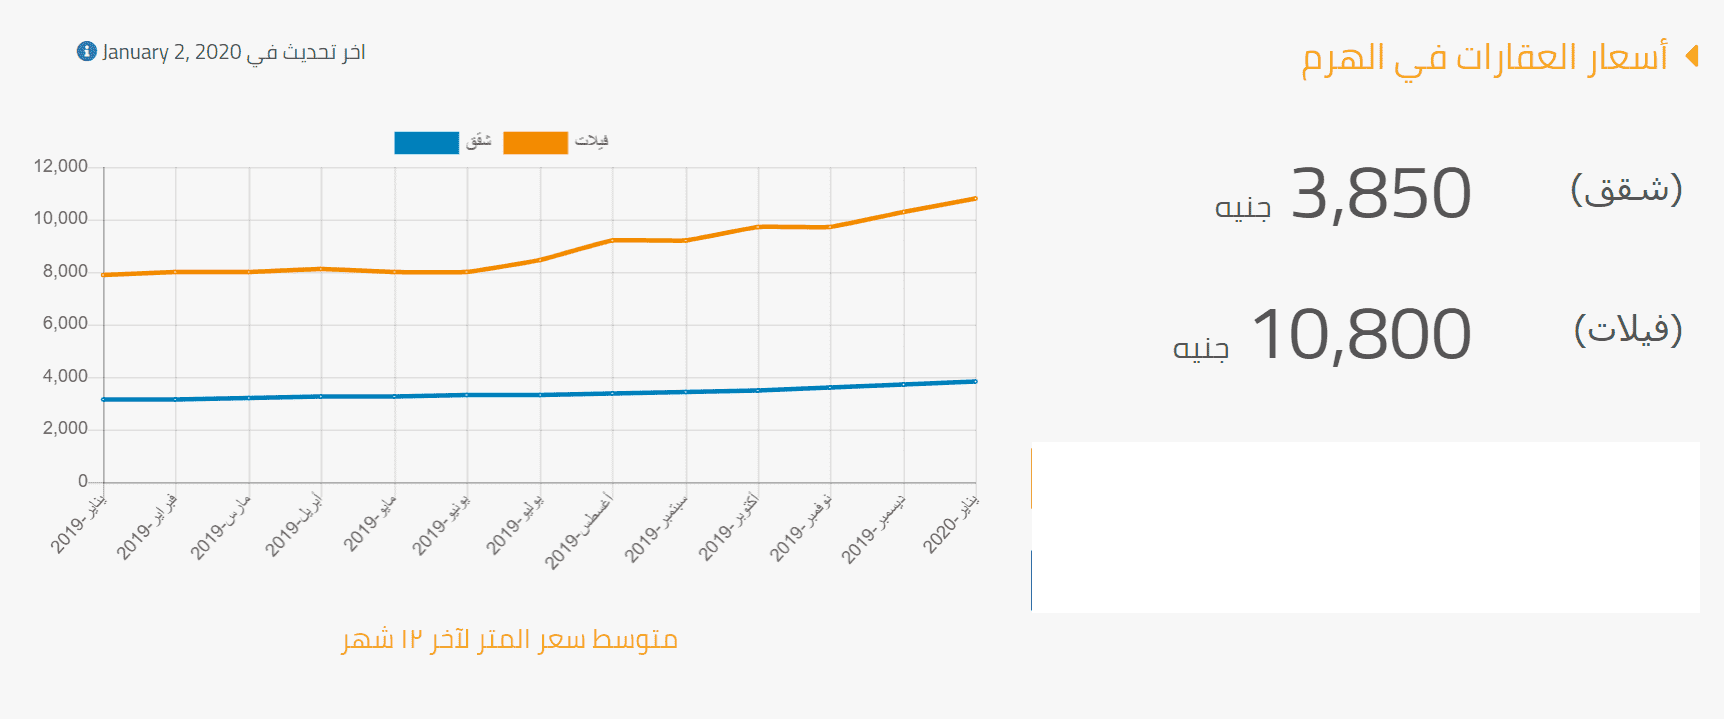 احصائيات عن اسعار الشقق والفيلات في حي الهرم 2020 ( متوسط سعر المتر)